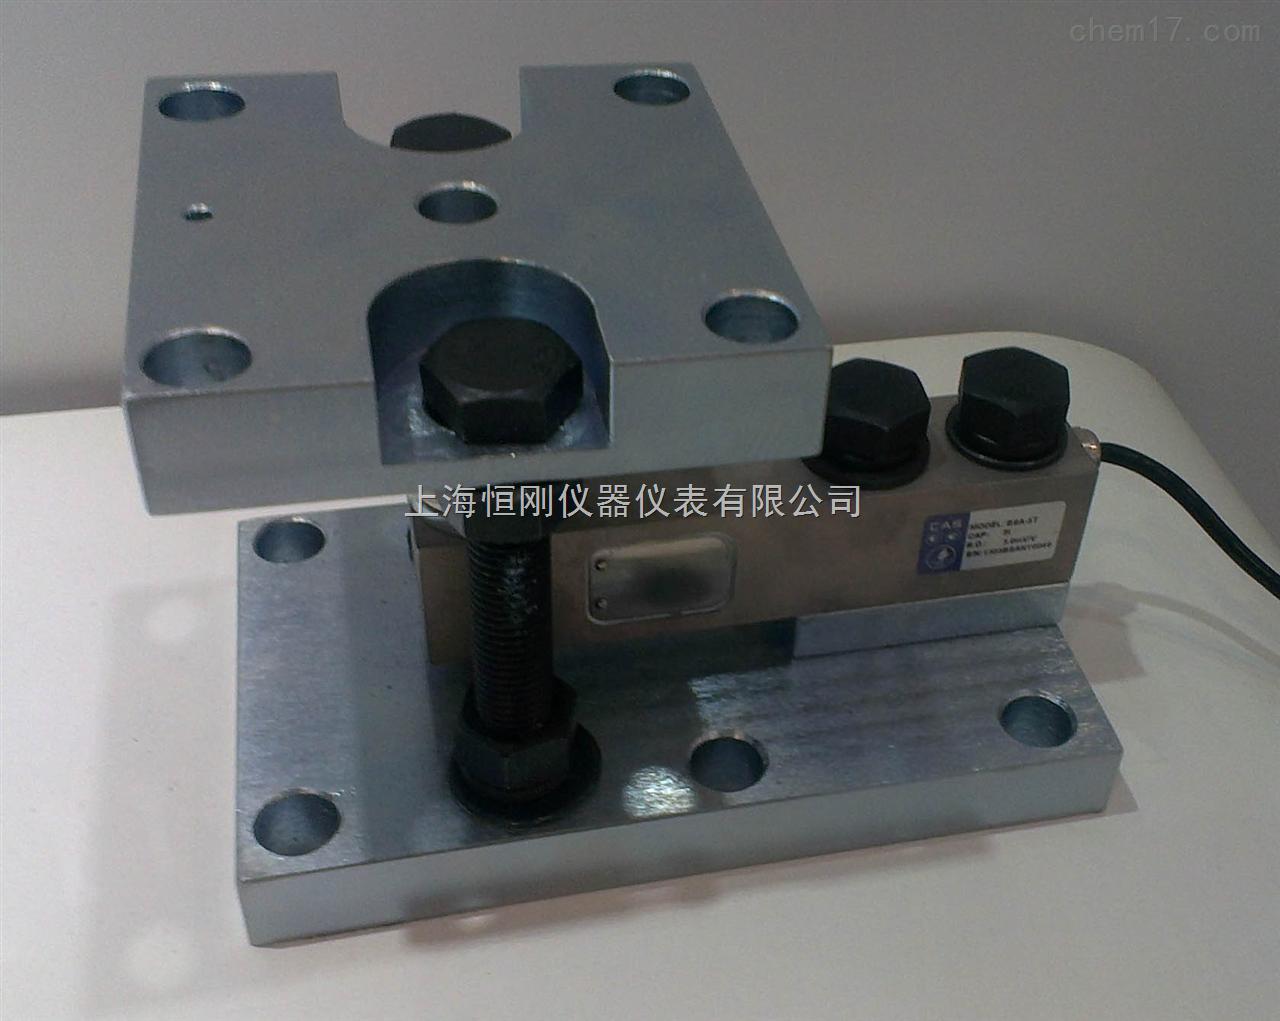 传送带用的稱重模塊,输送带称重电子模块